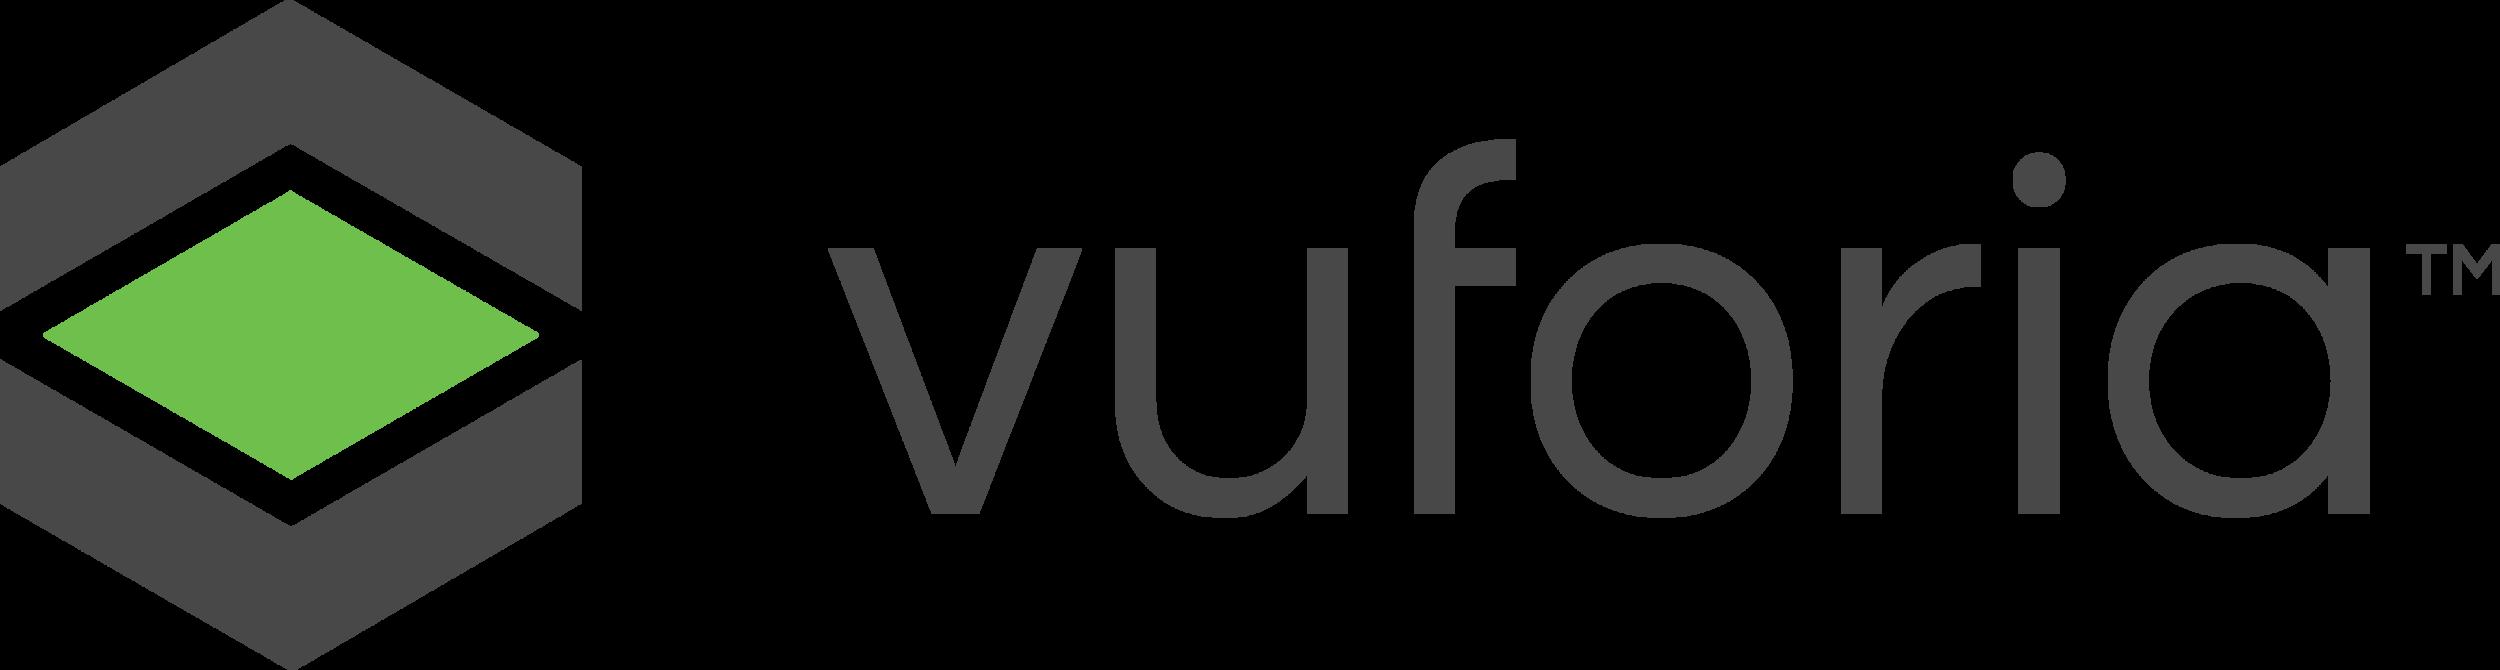 Vuforia Logo OLx2.png